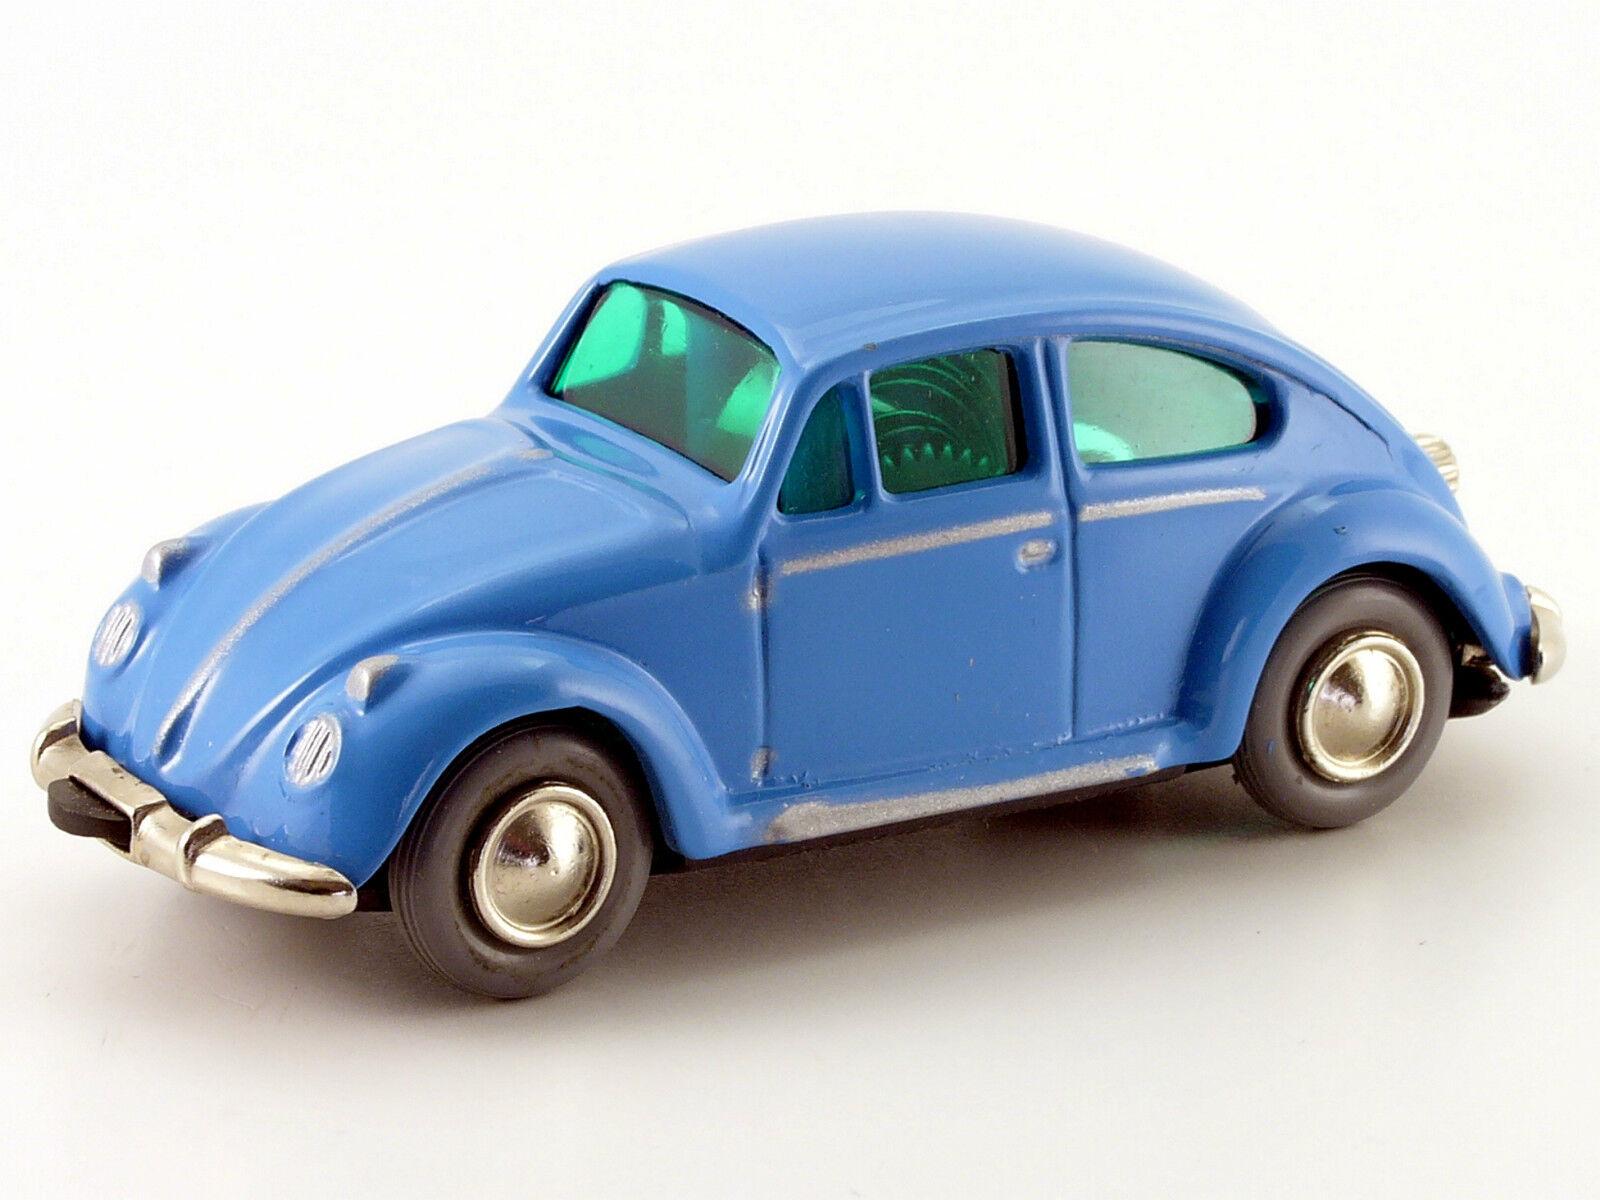 Lilliput Micro-Racer Micro-Racer Micro-Racer VW Käfer blue 2a9cb2